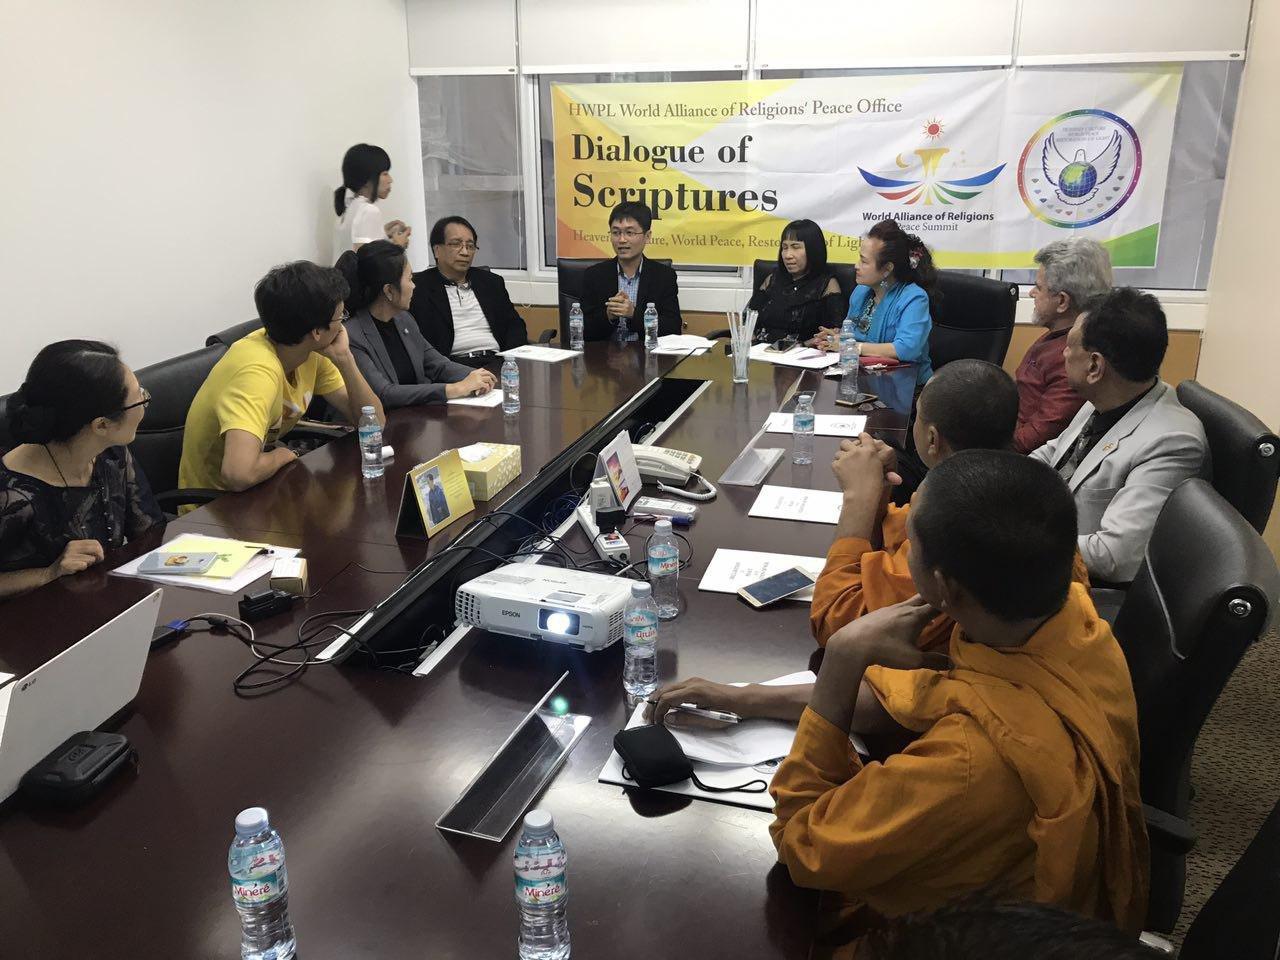 الحوار بين الأديان يناقش الرفاهية الإنسانية الروحية والنداء الشعبي للدين في تايلاند التفاهم بين الأديان وانسجام التضامن